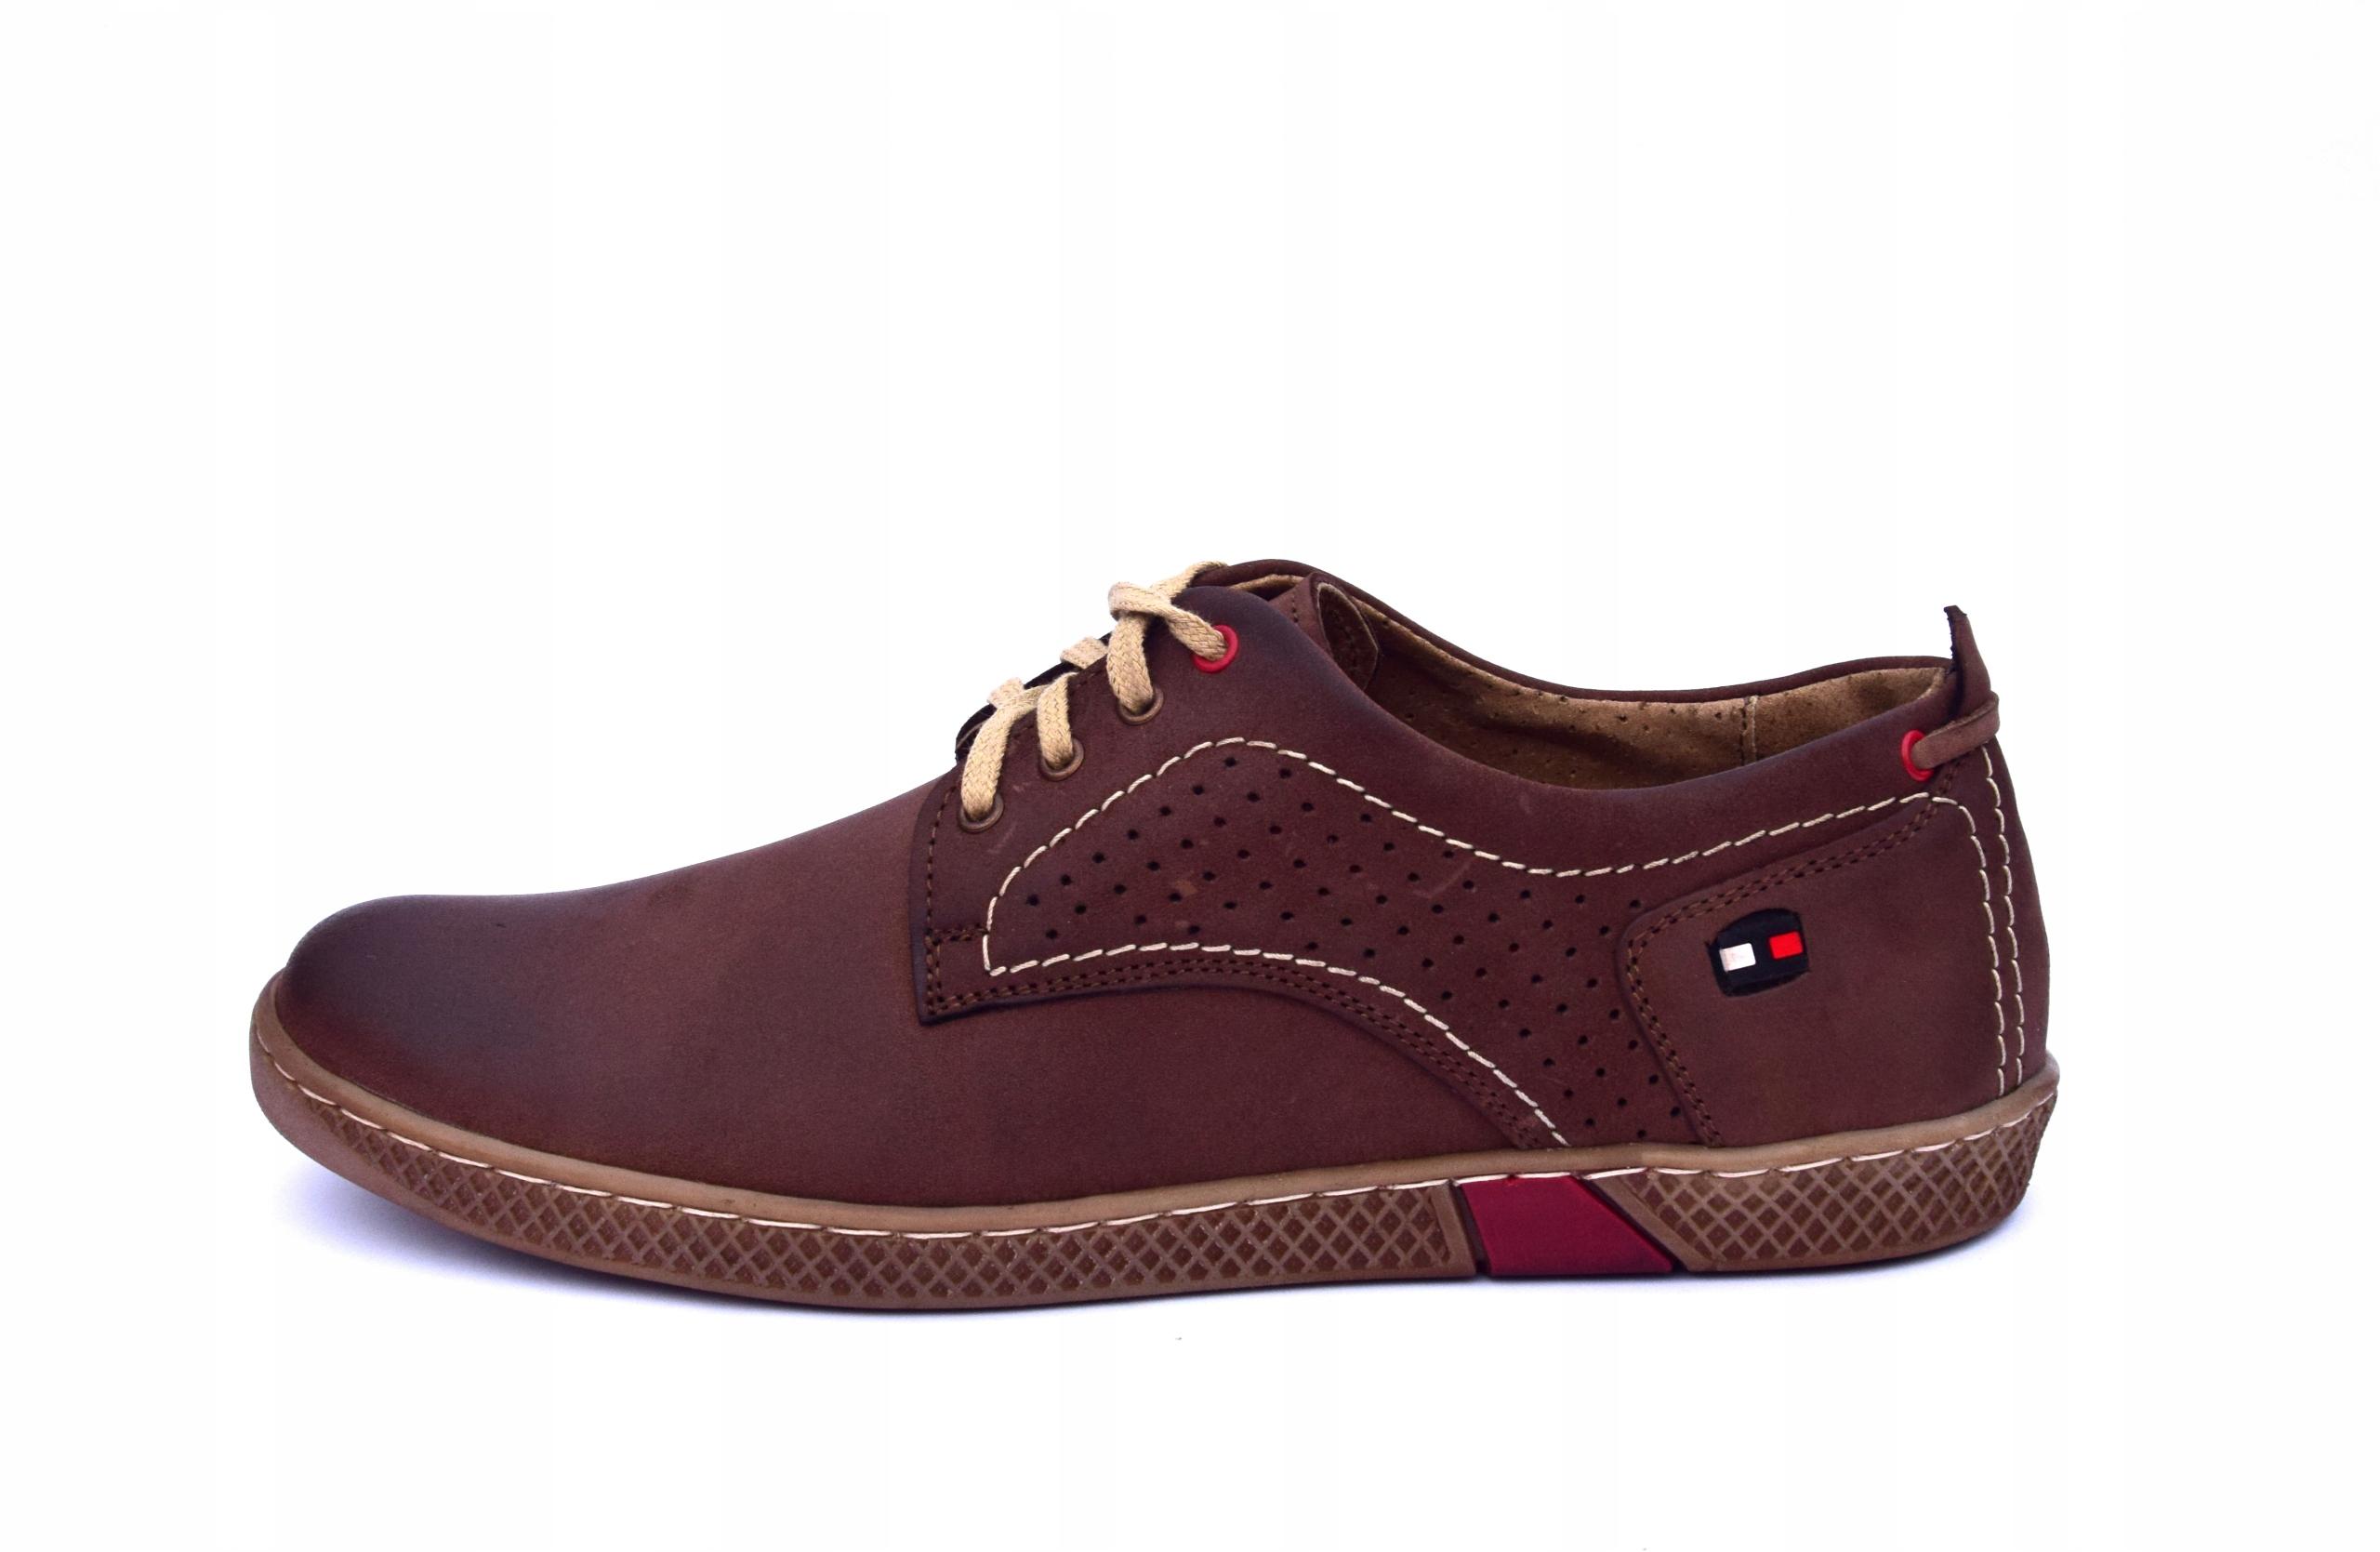 Półbuty skórzane męskie brązowe buty polskie 302 Marka inna